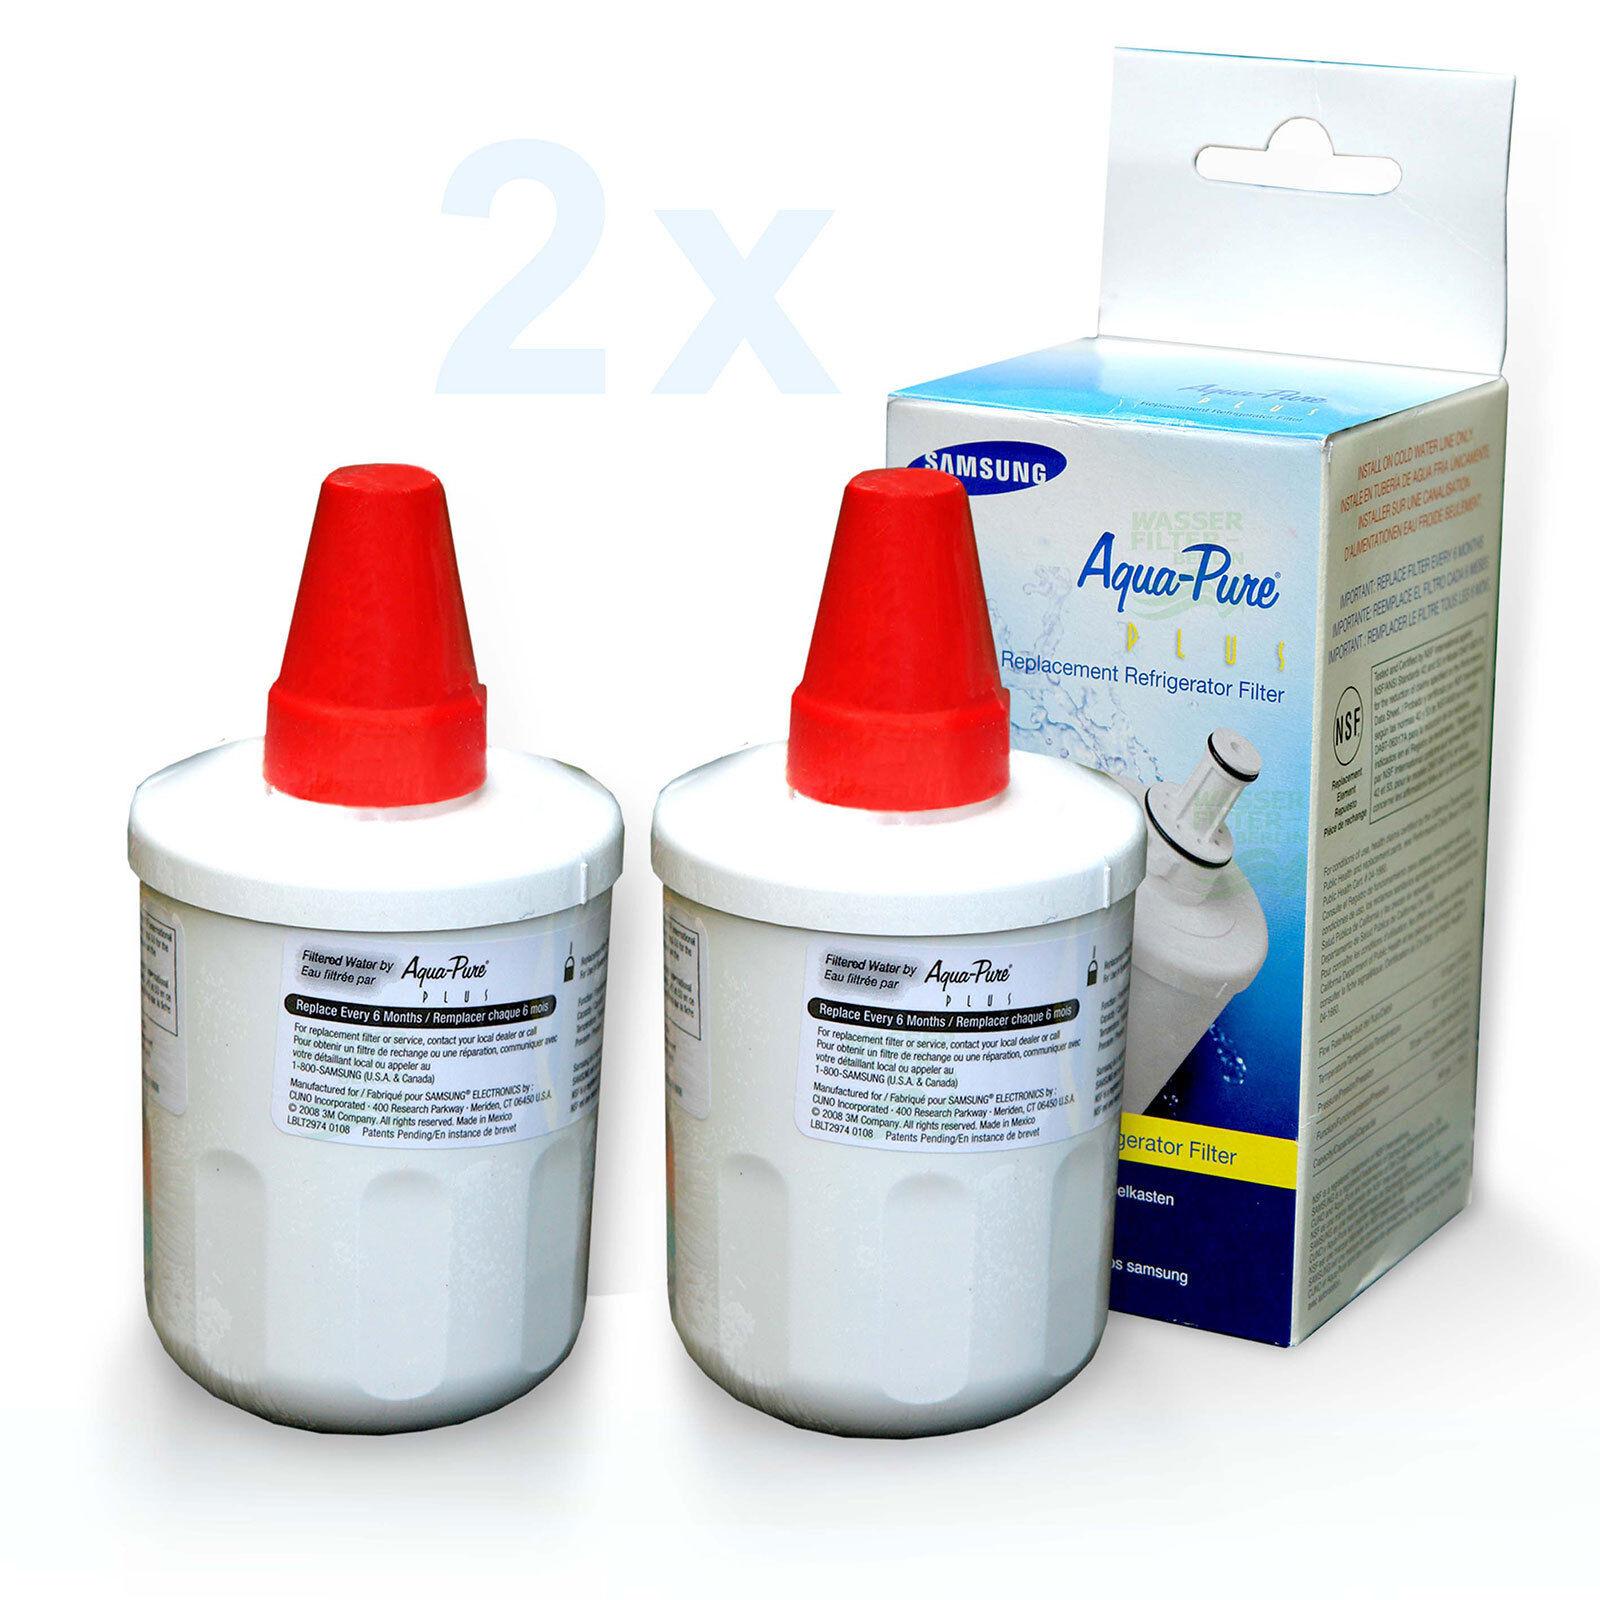 2x Samsung Filtri Hafin 2 ORIG da29-00003g Filtres da29-00003b Filtre à Eau (75,00